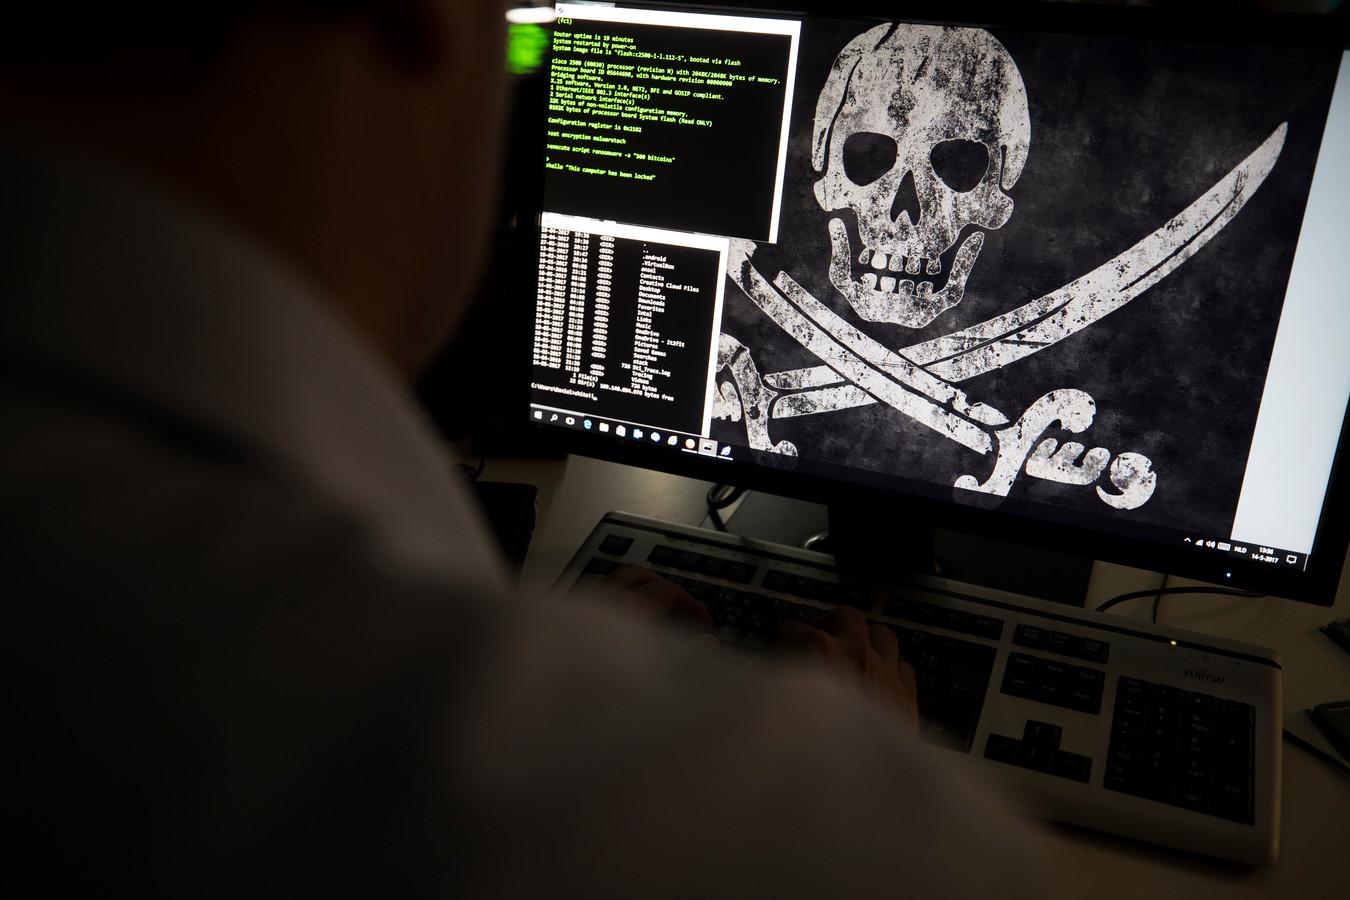 Een beeld van en gehackte computer ter illustratie.